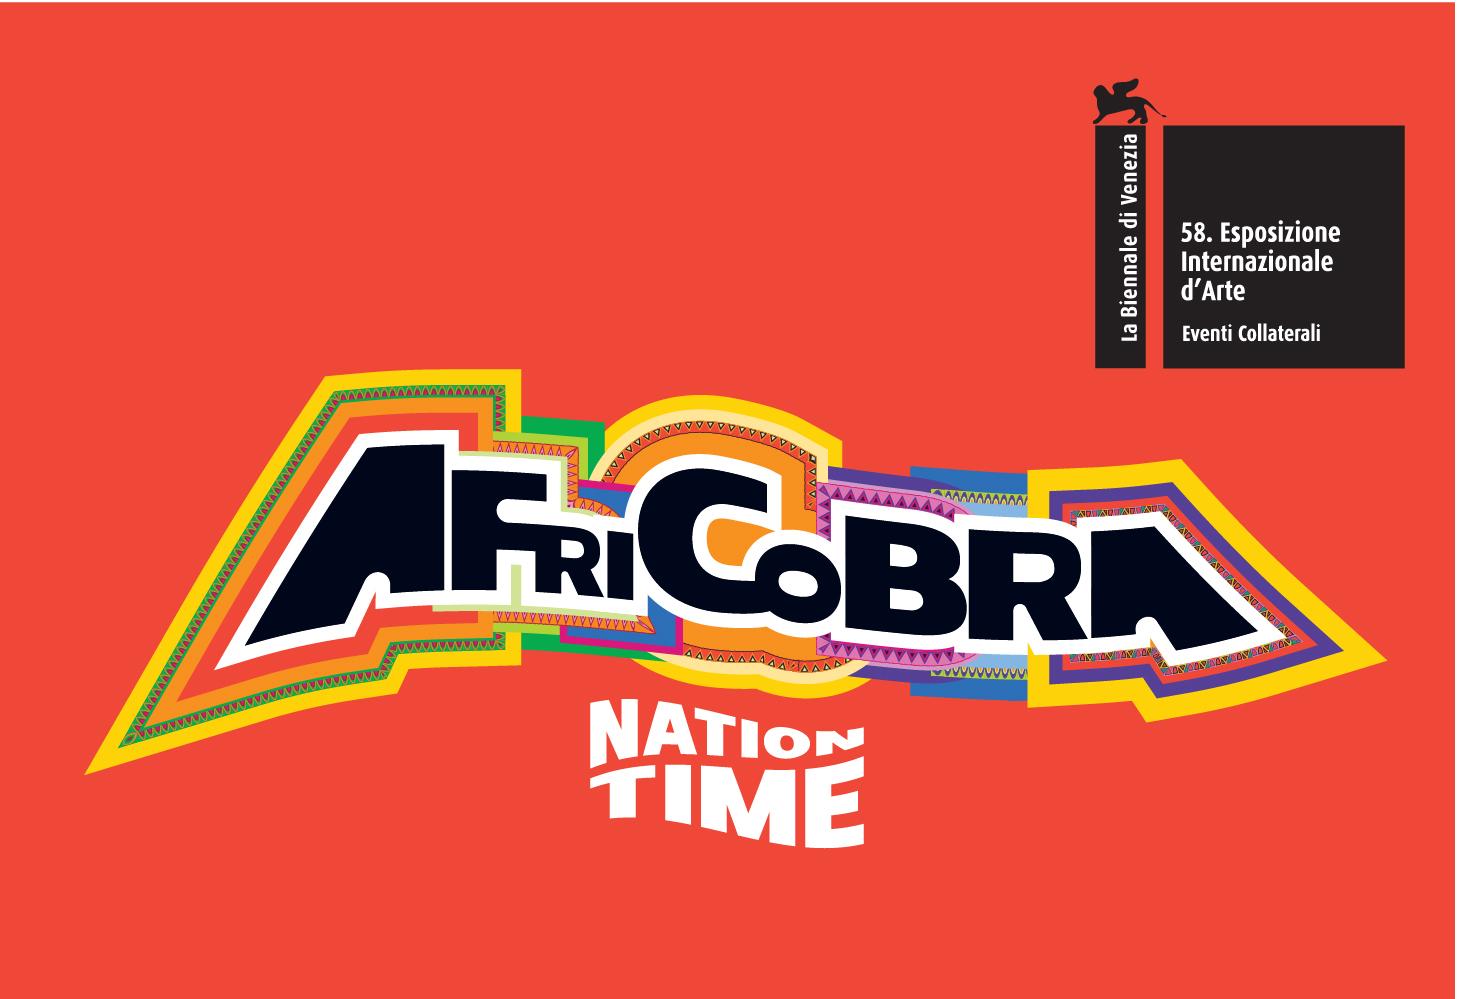 africobra-nationtime-01.jpg